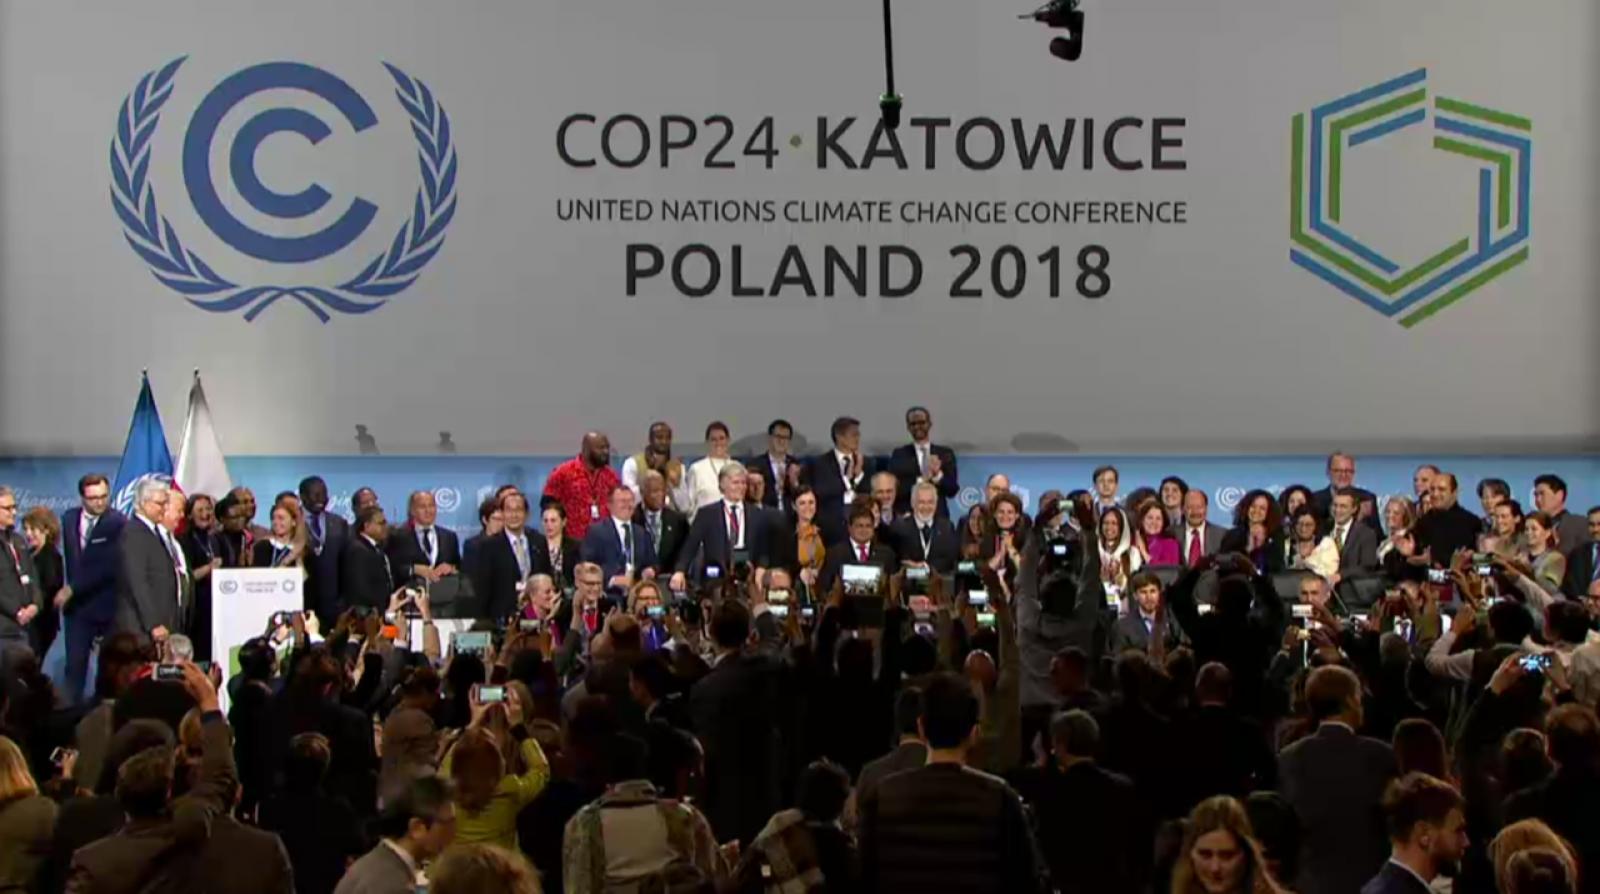 La Cop 24 di Katowice è terminata. Le decisioni adottate e le critiche degli ambientalisti